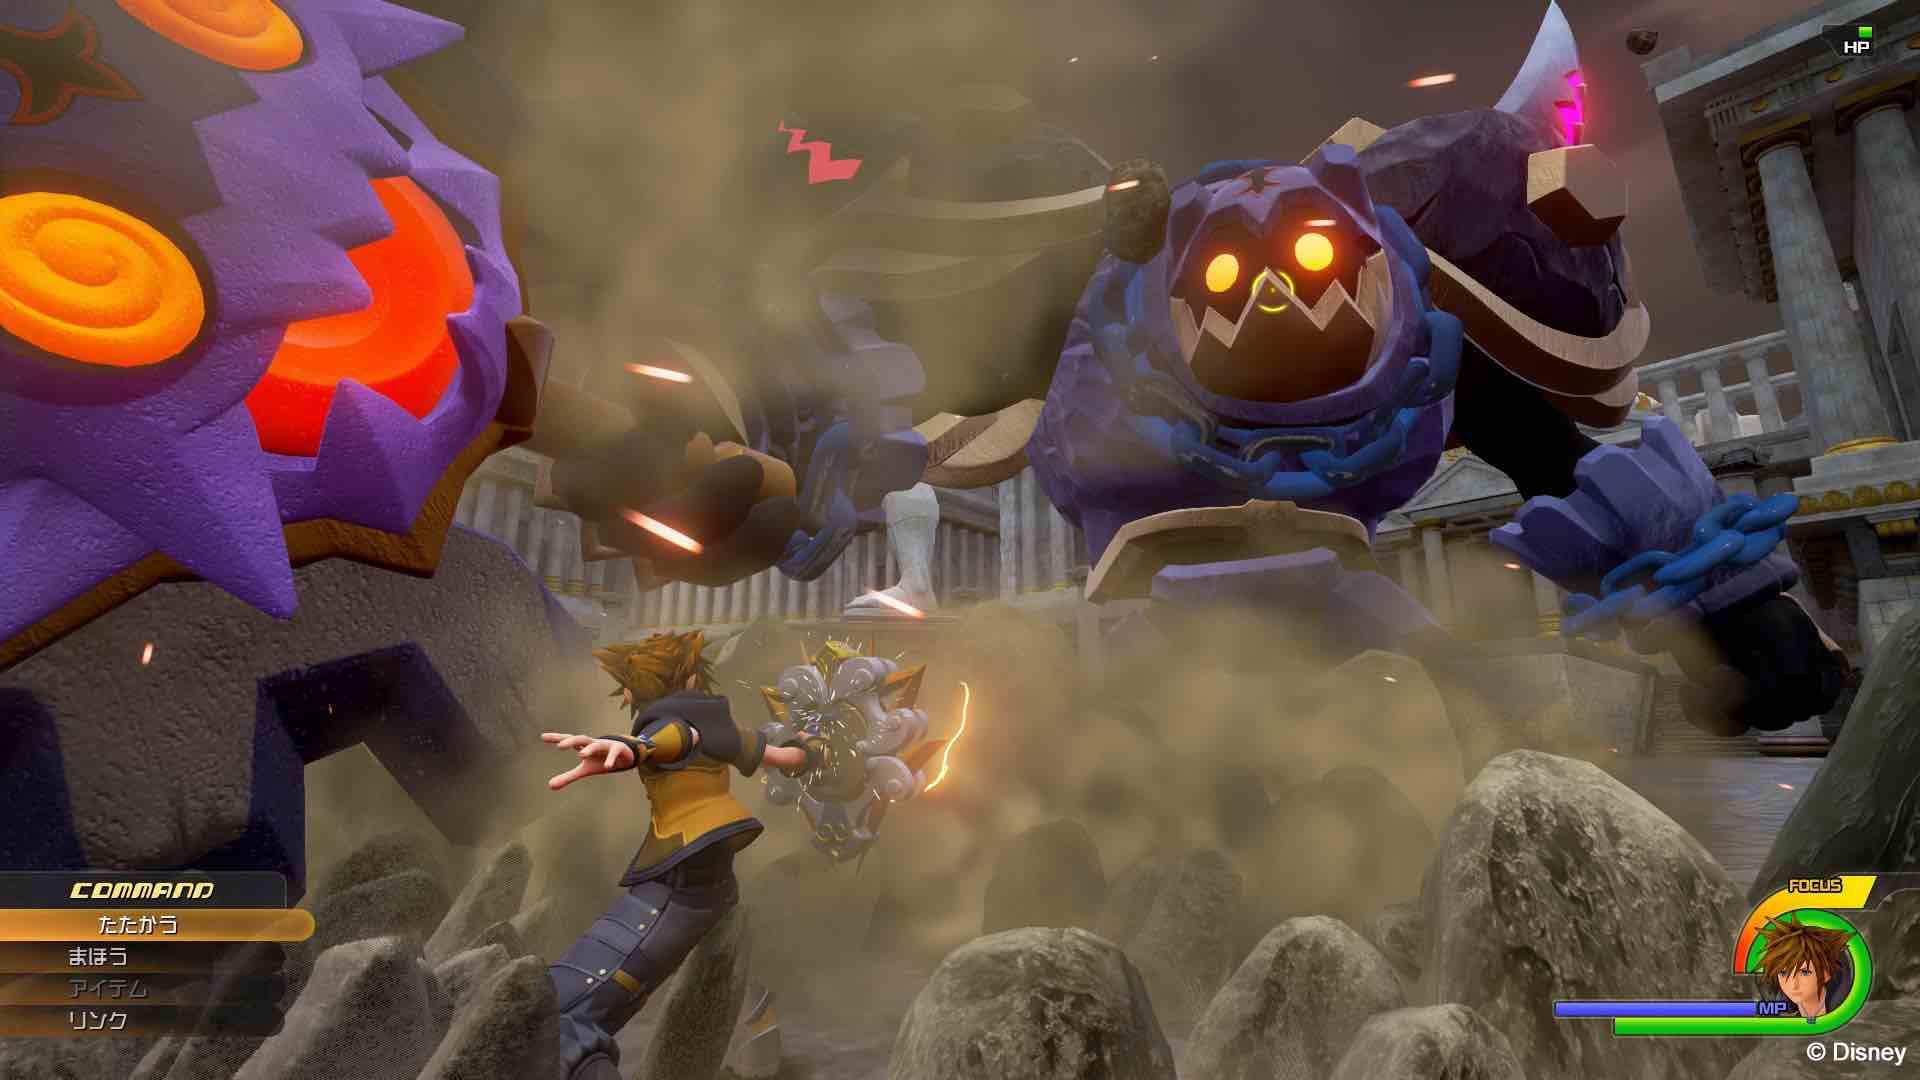 New Kingdom Hearts III screenshot